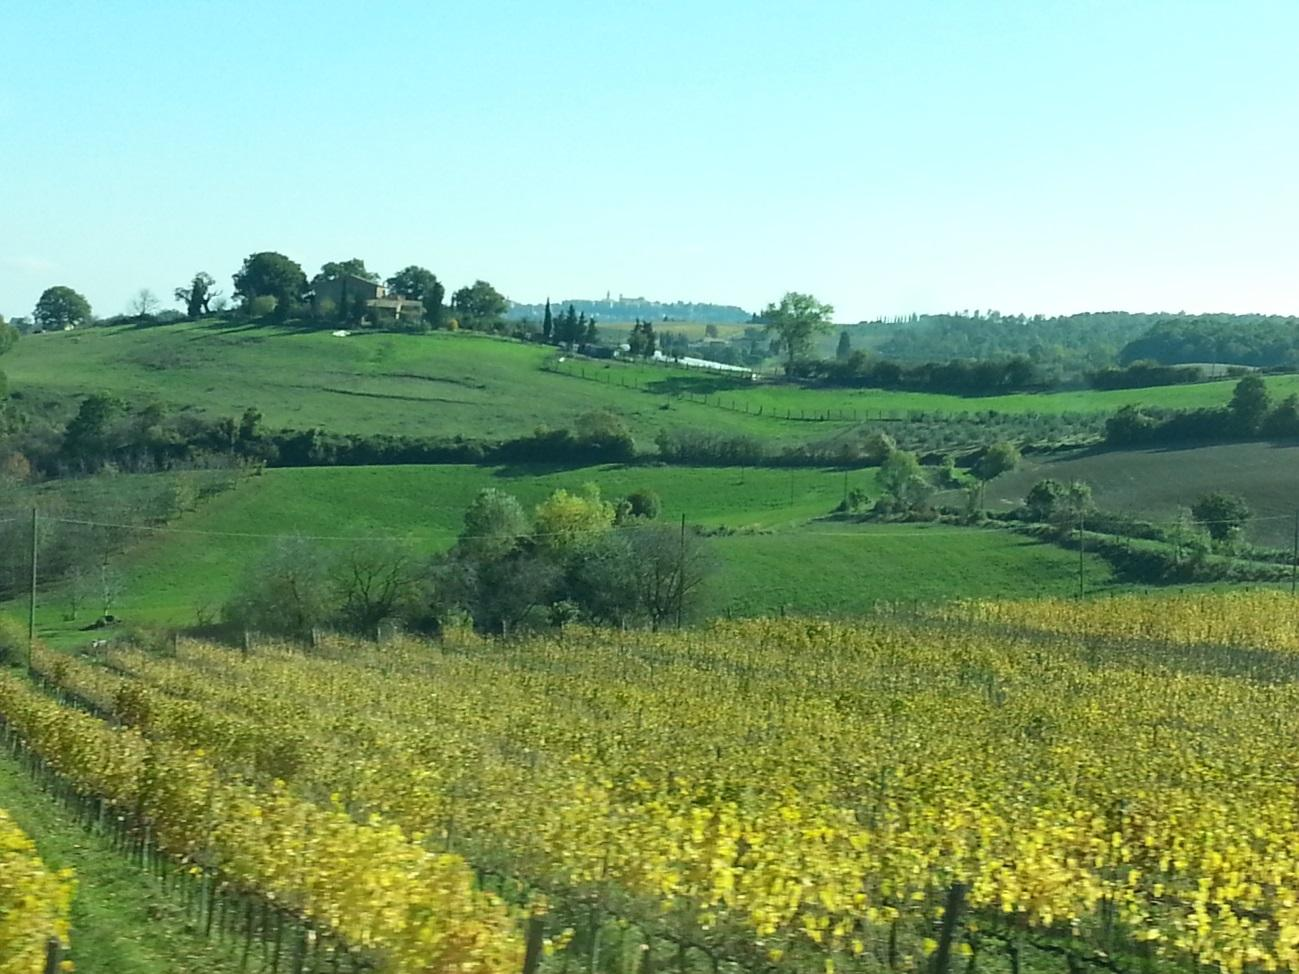 C:\Users\Gonzalo\Desktop\Documentos\Fotografías\La Toscana\Móvil\20161028_115857.jpg